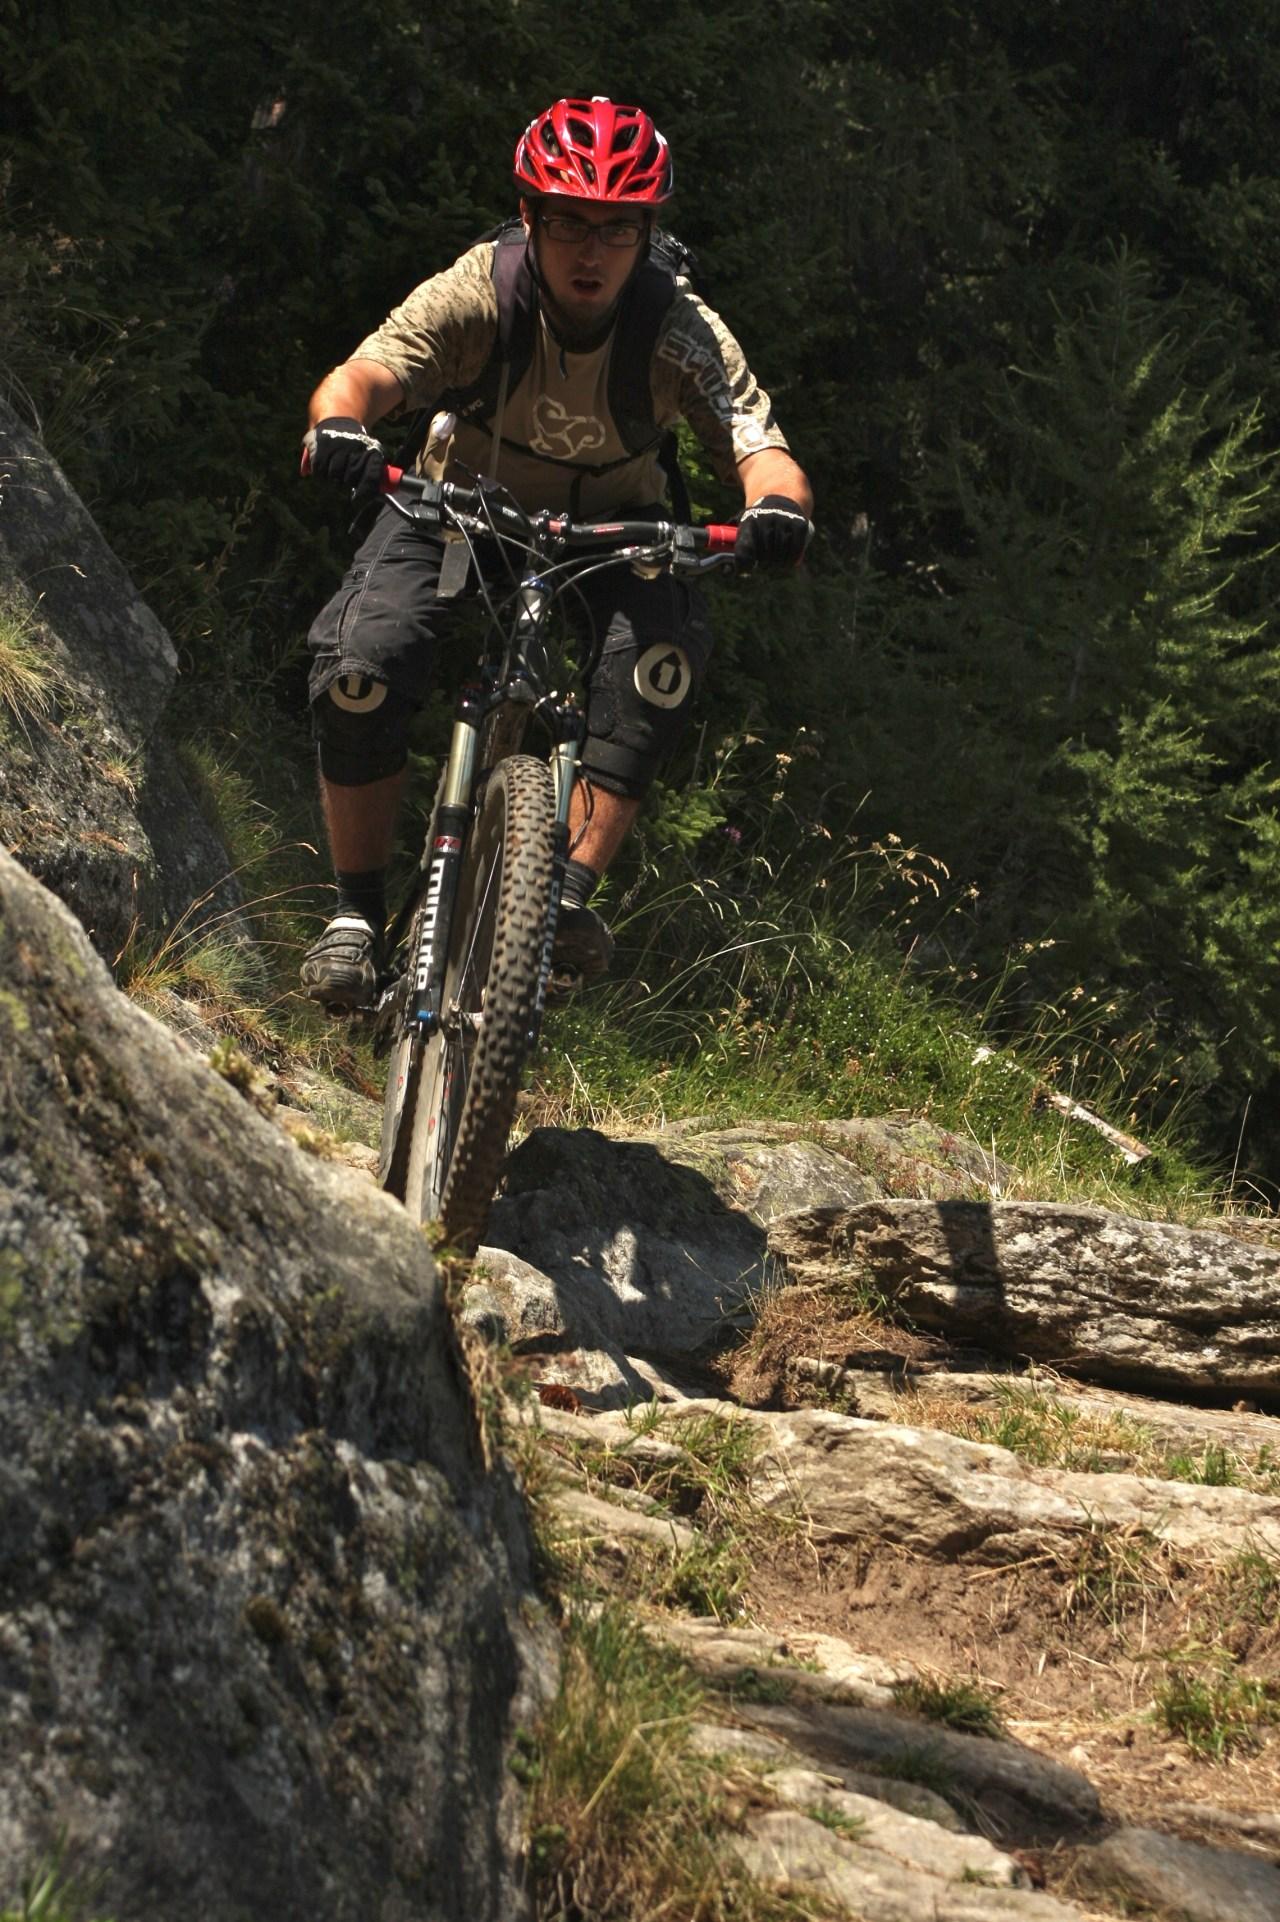 schoner bike schutz knie schienbein bein protektor 661 sixsixone